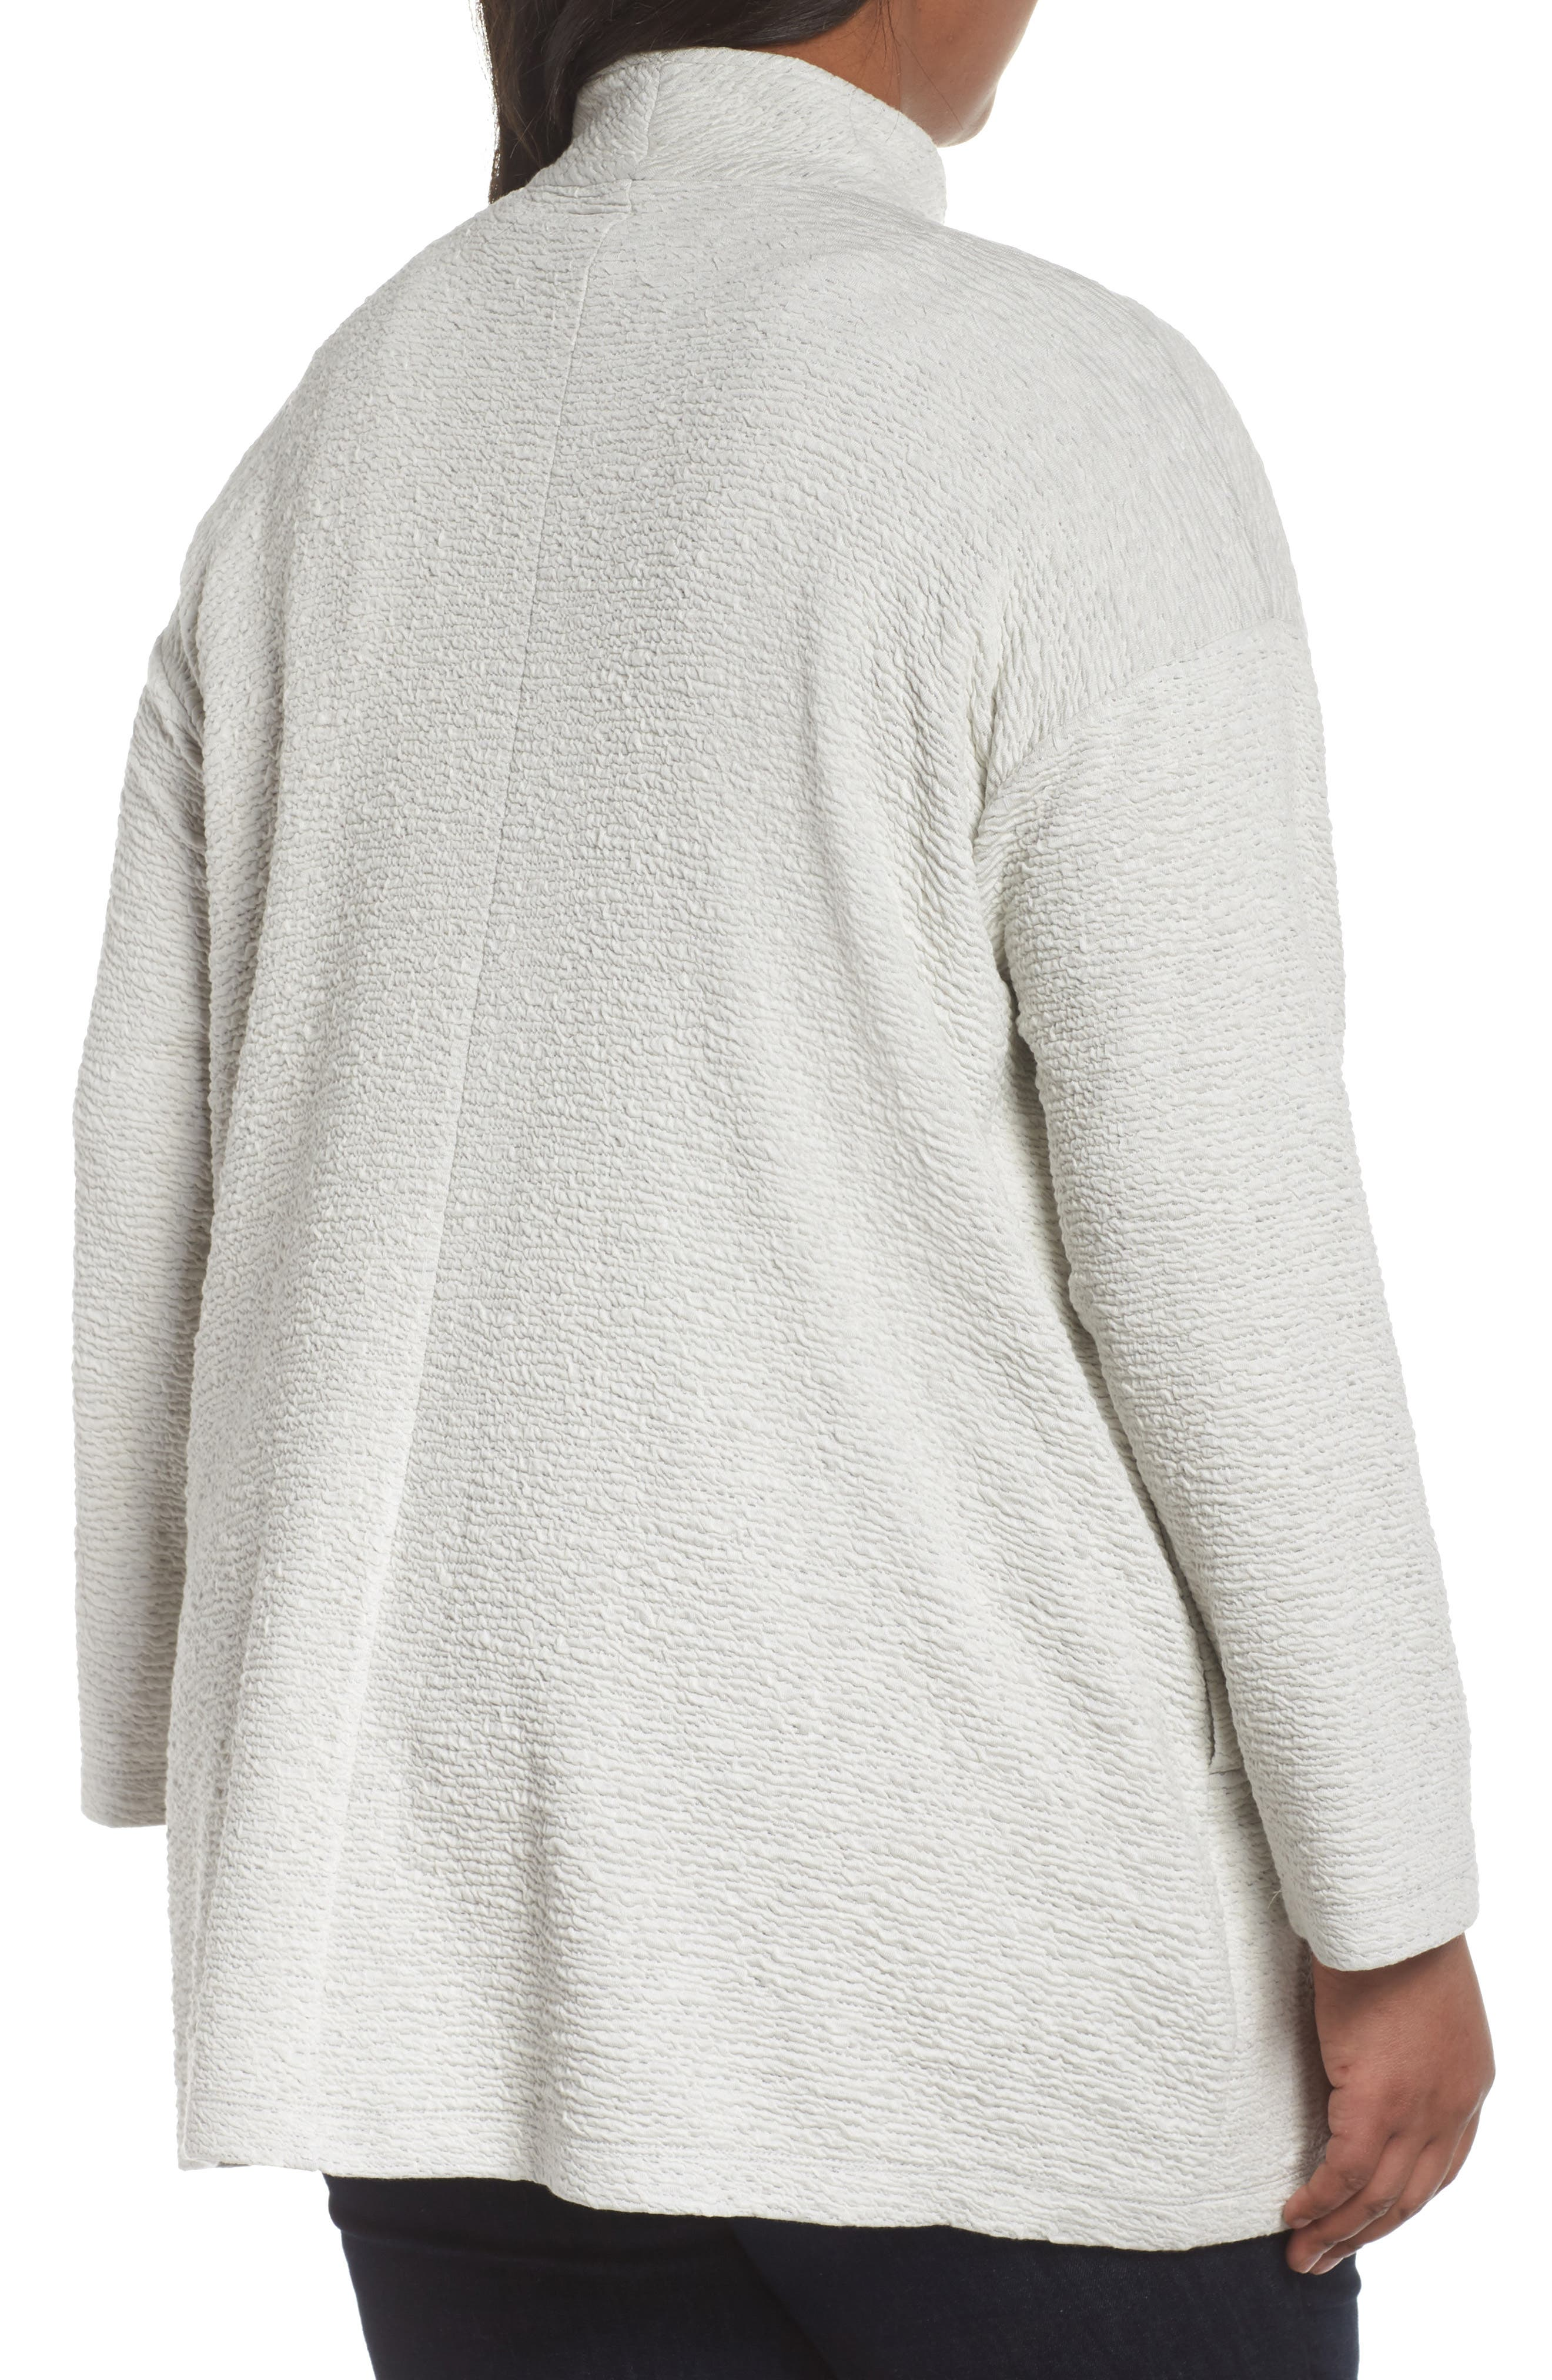 Alternate Image 2  - Eileen Fisher Textured Tencel® Lyocell Kimono Jacket (Plus Size)